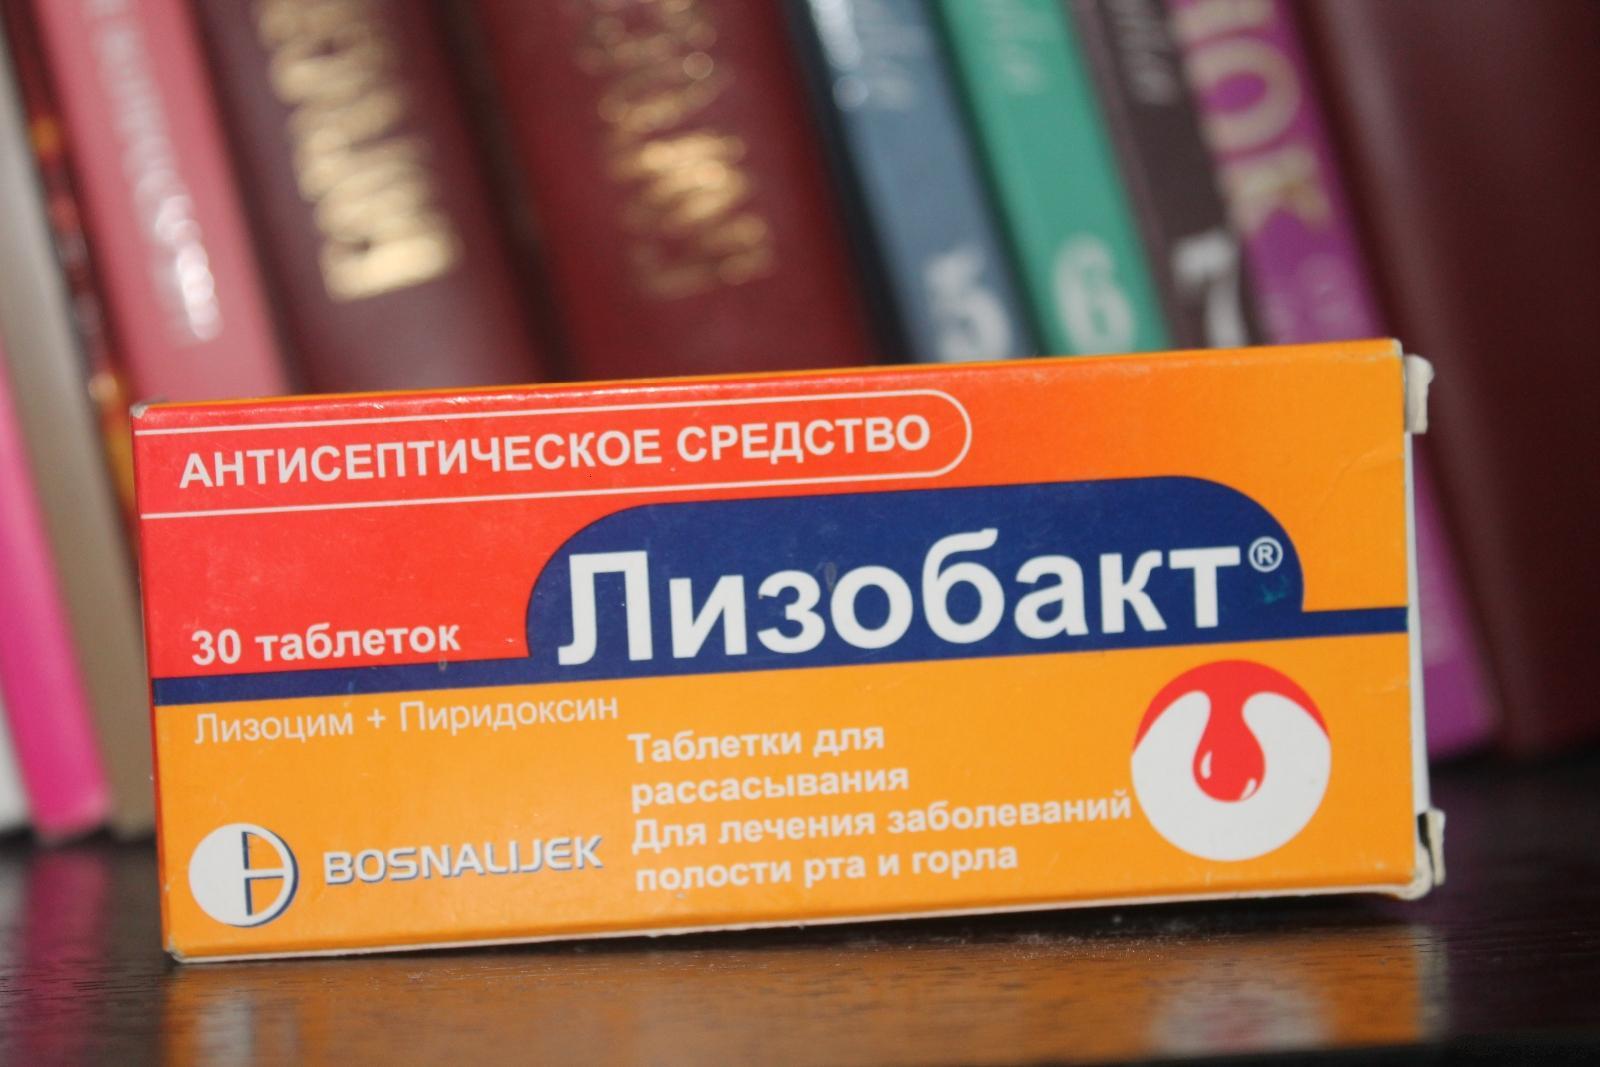 Лизобакт при беременности: эффективное и безопасное лечение больного горла